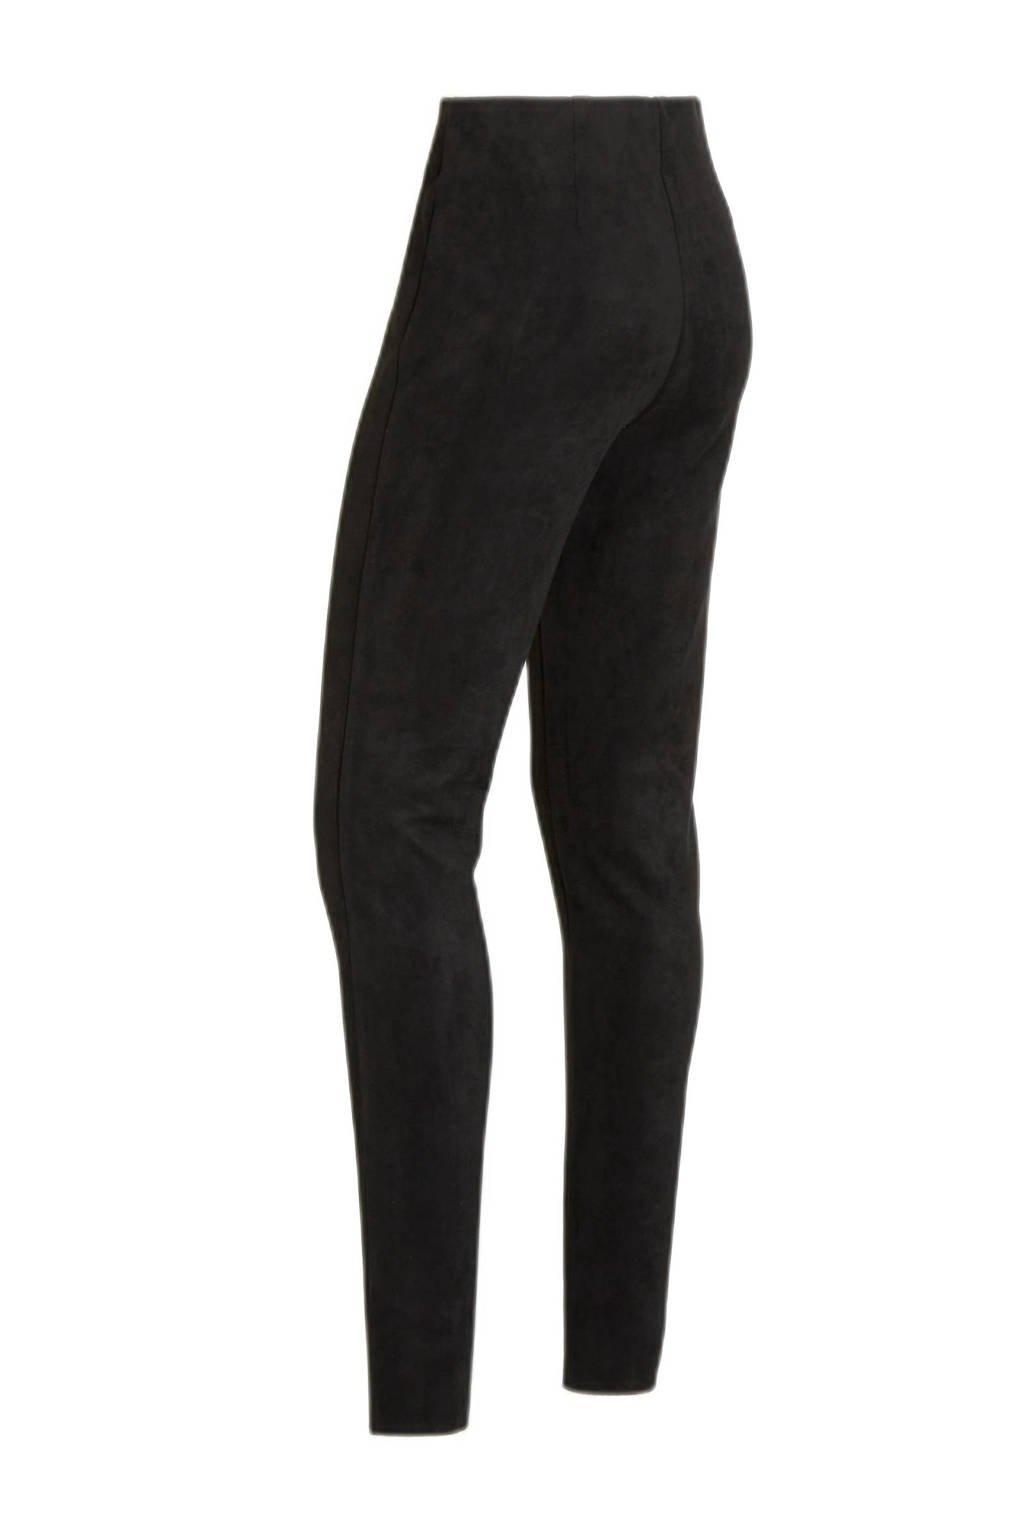 FREEQUENT slim fit broek zwart, Zwart